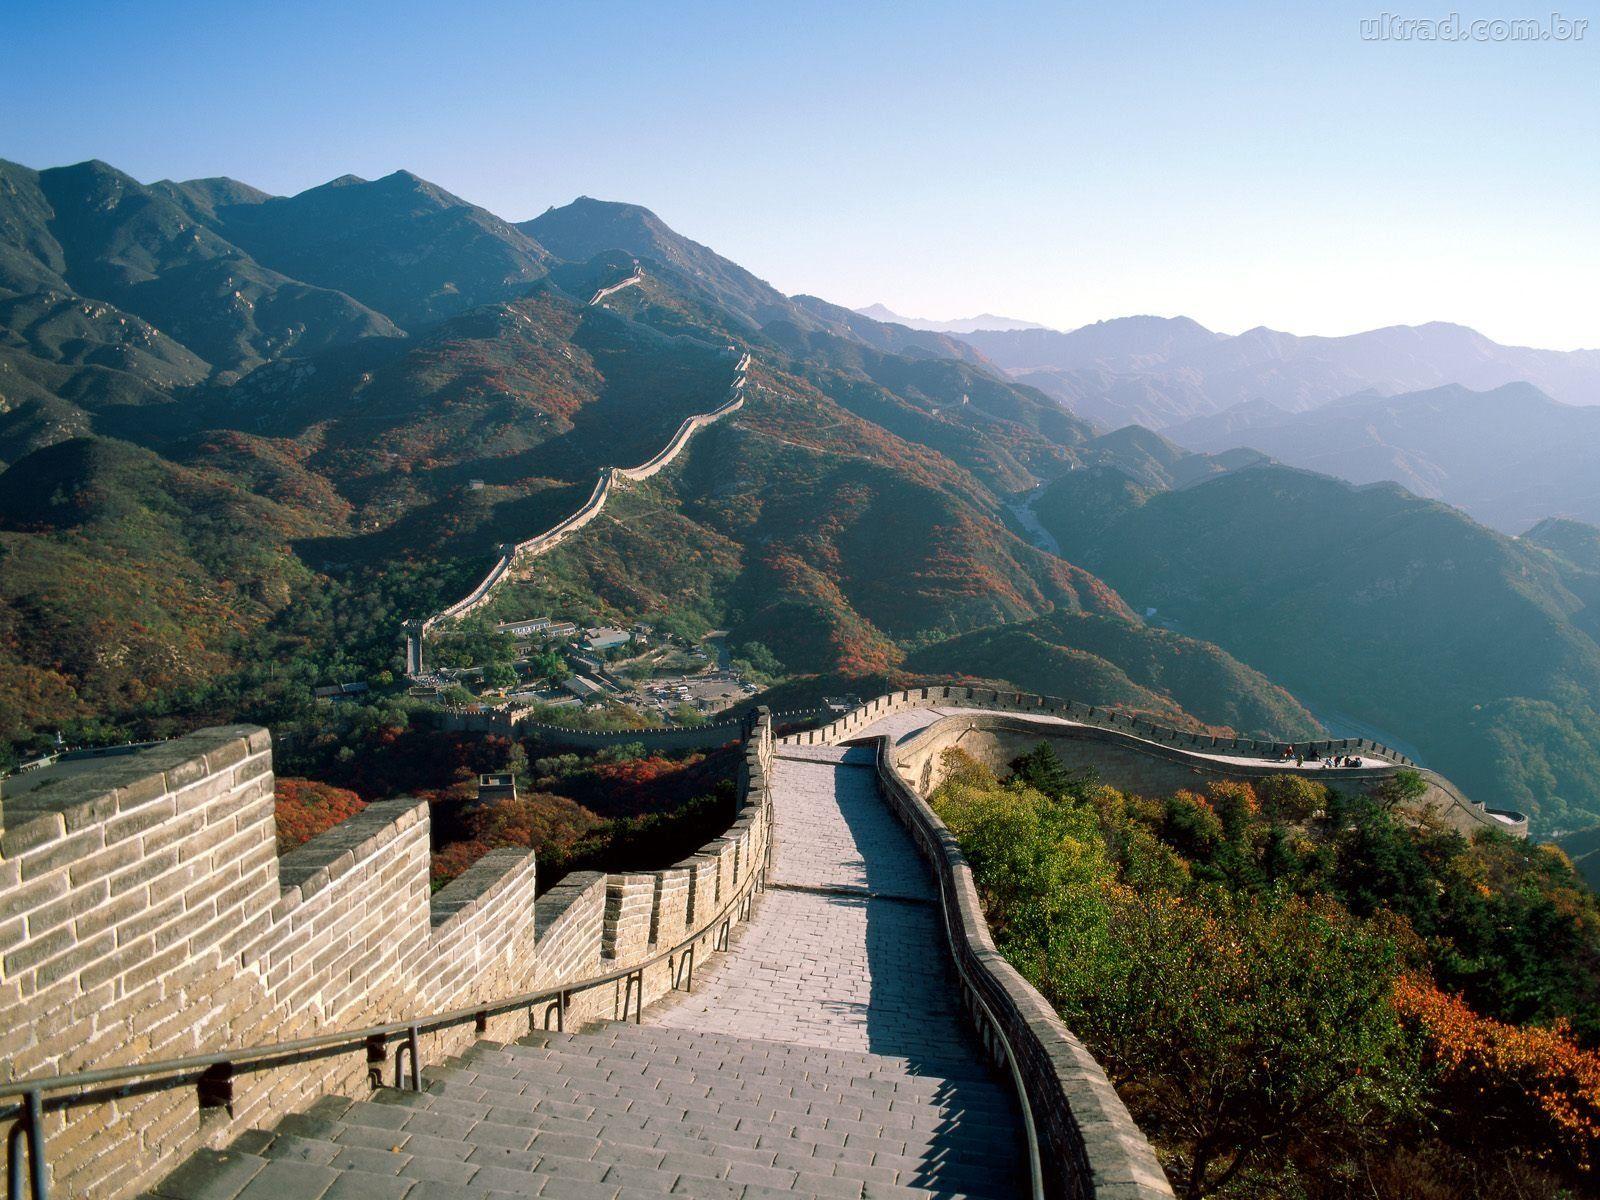 Muralha da China está se desintegrando devido à meteorologia e atividade humana